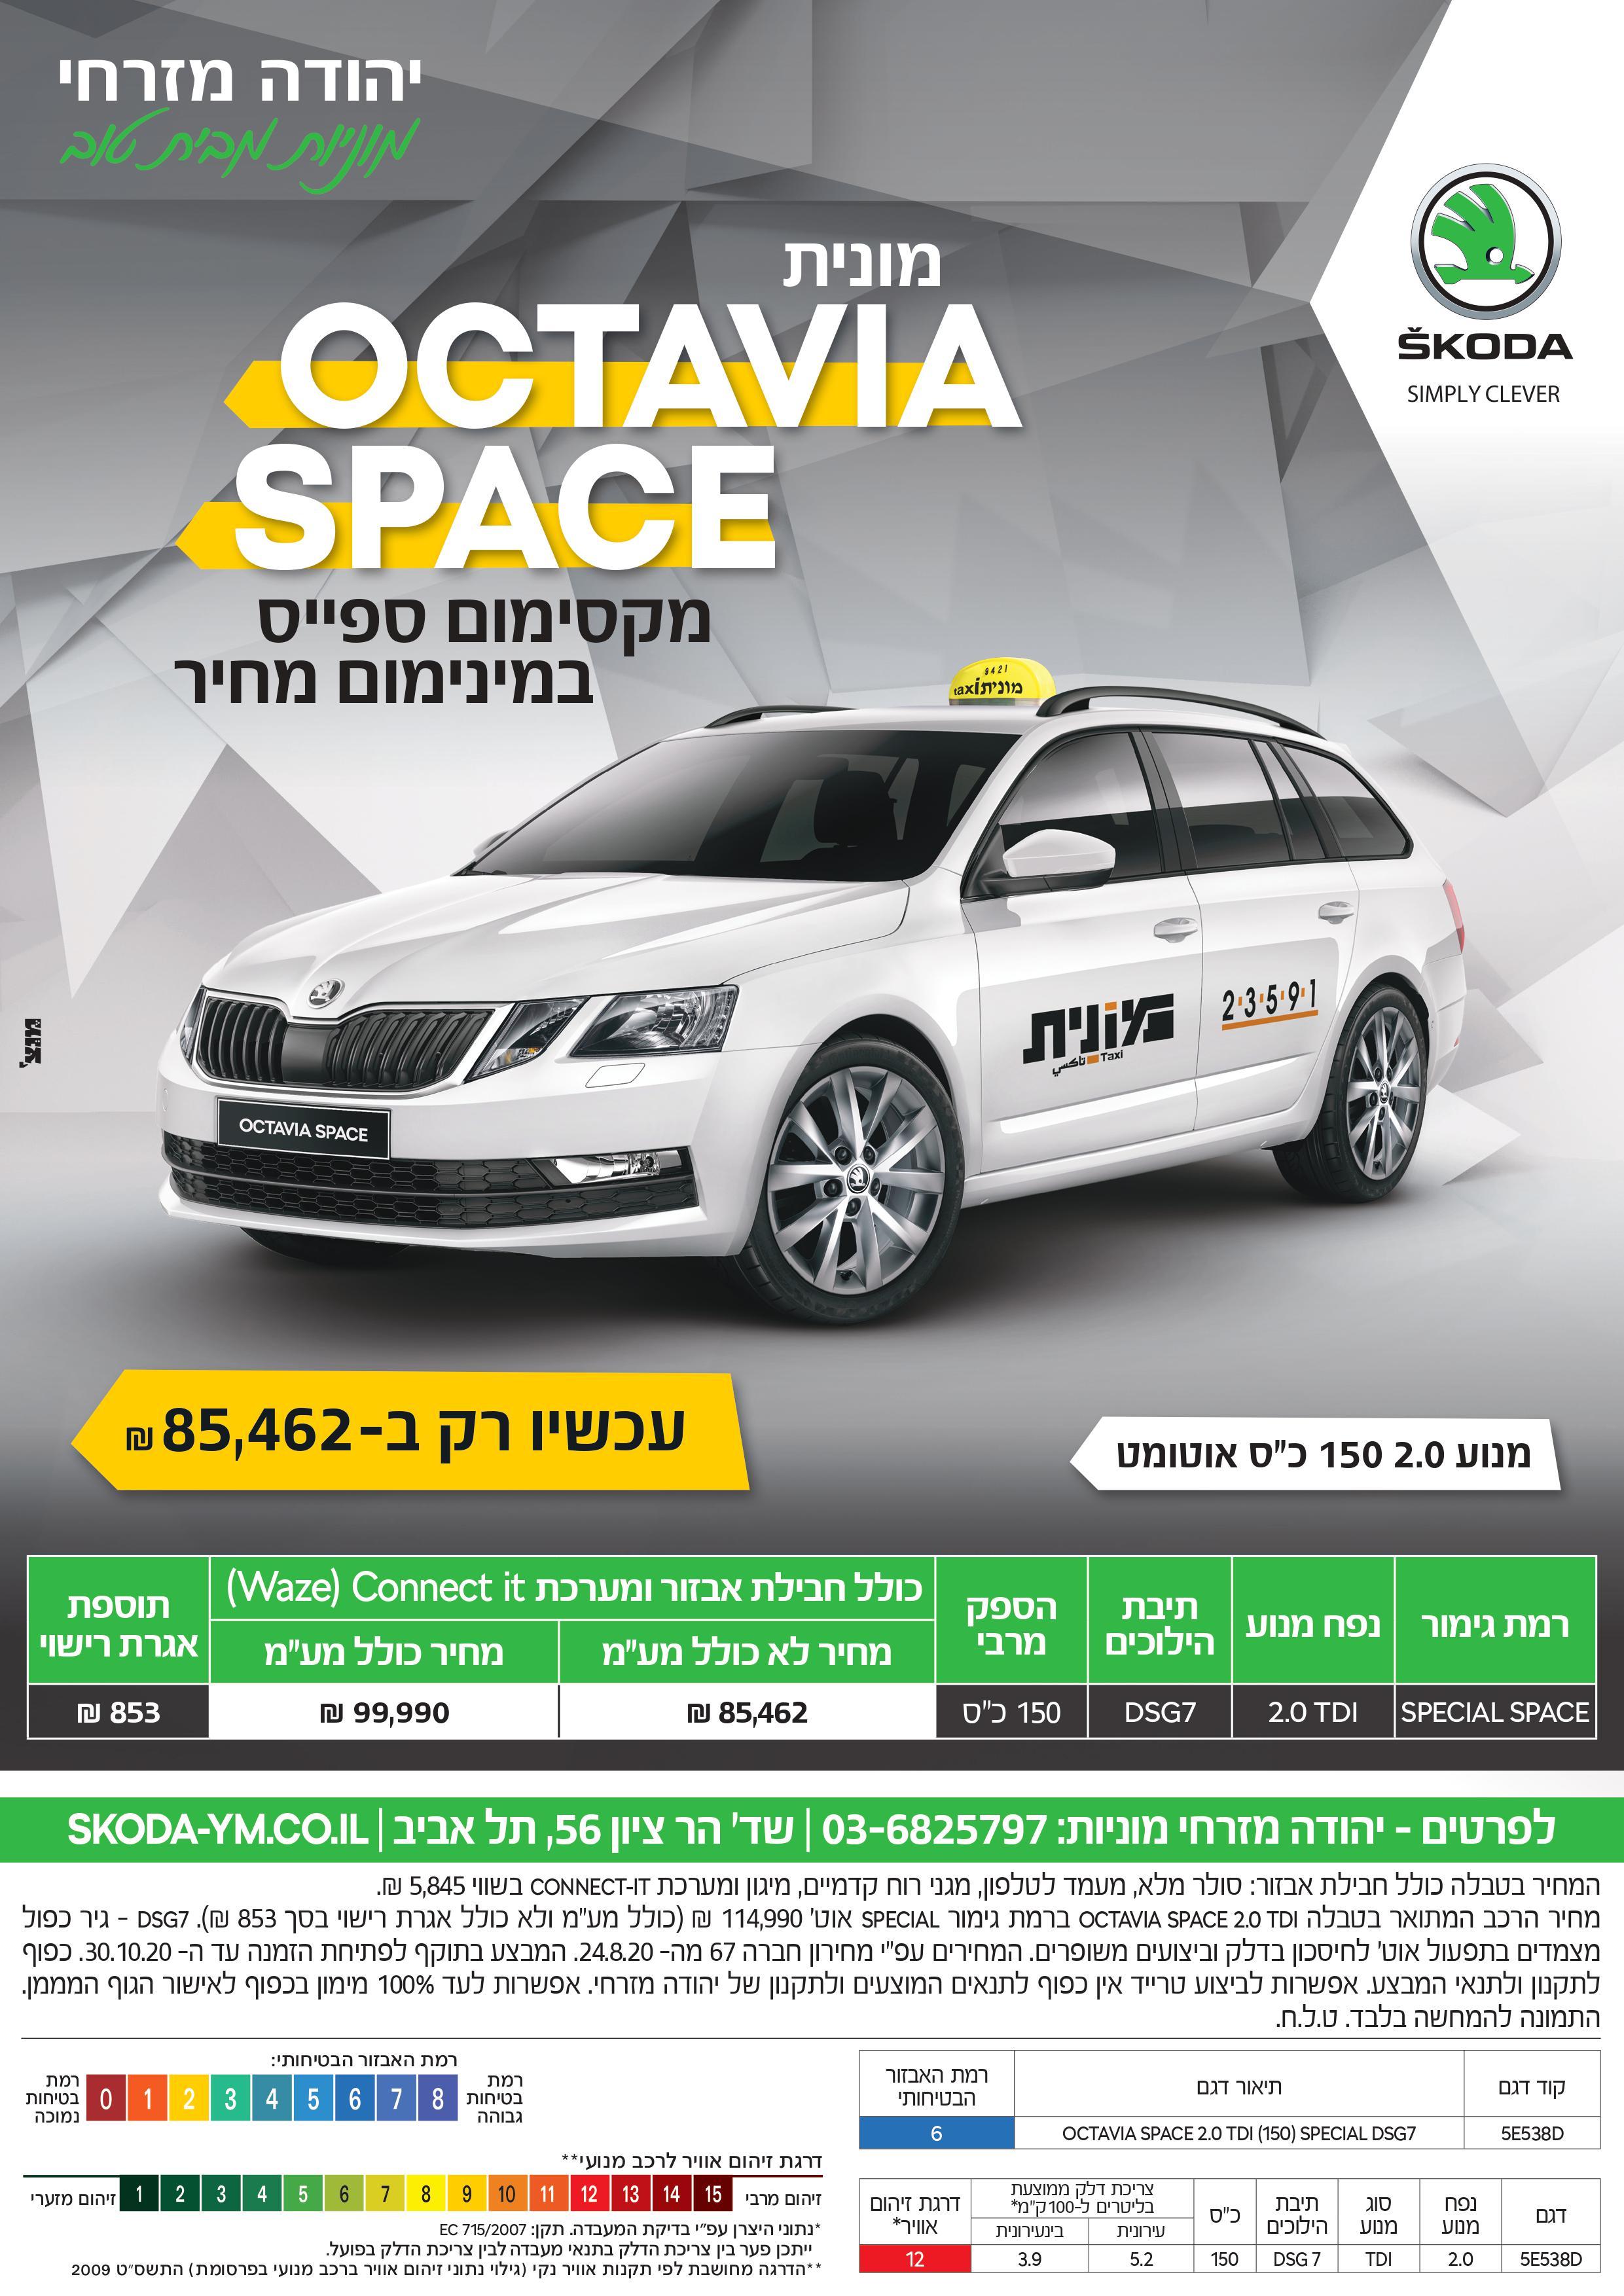 מונית אוקטביה , מונית סקודה אוקטביה